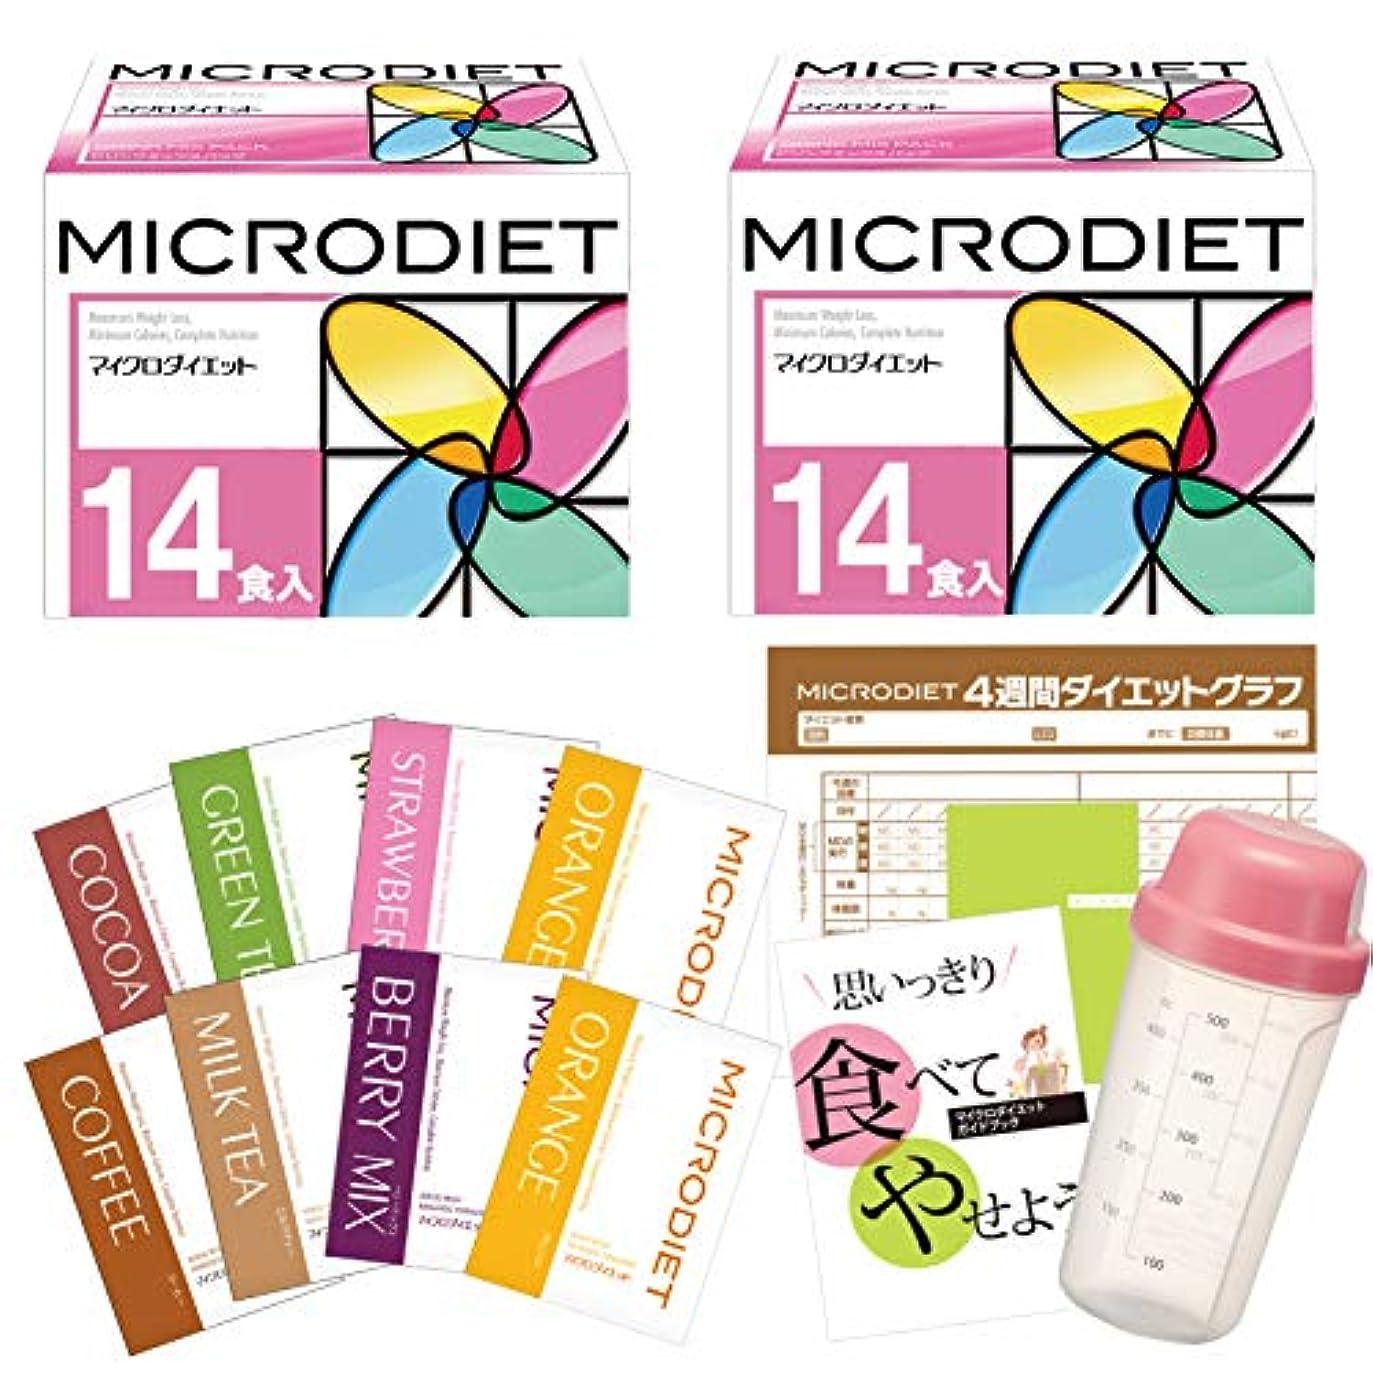 感嘆符フロンティア傾向マイクロダイエット2箱+8食セット(初回特典付き):ドリンク2箱【06AMA2-0000022】